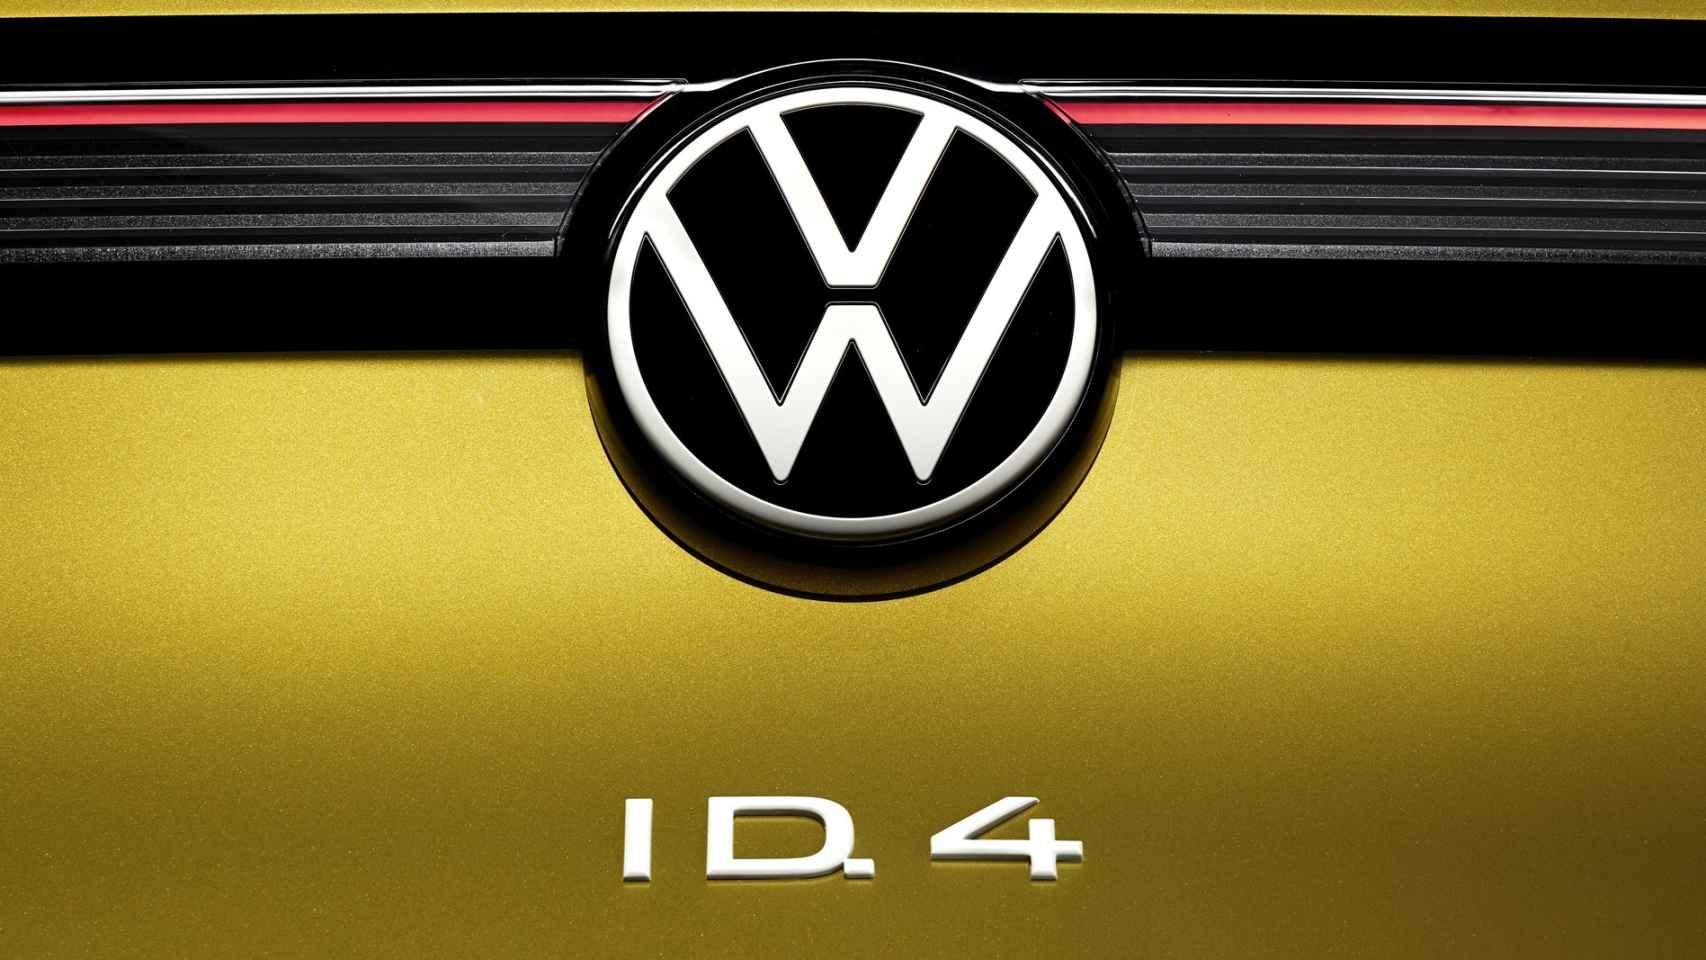 Volkswagen ID.4: Todos los precios del SUV eléctrico de la marca alemana